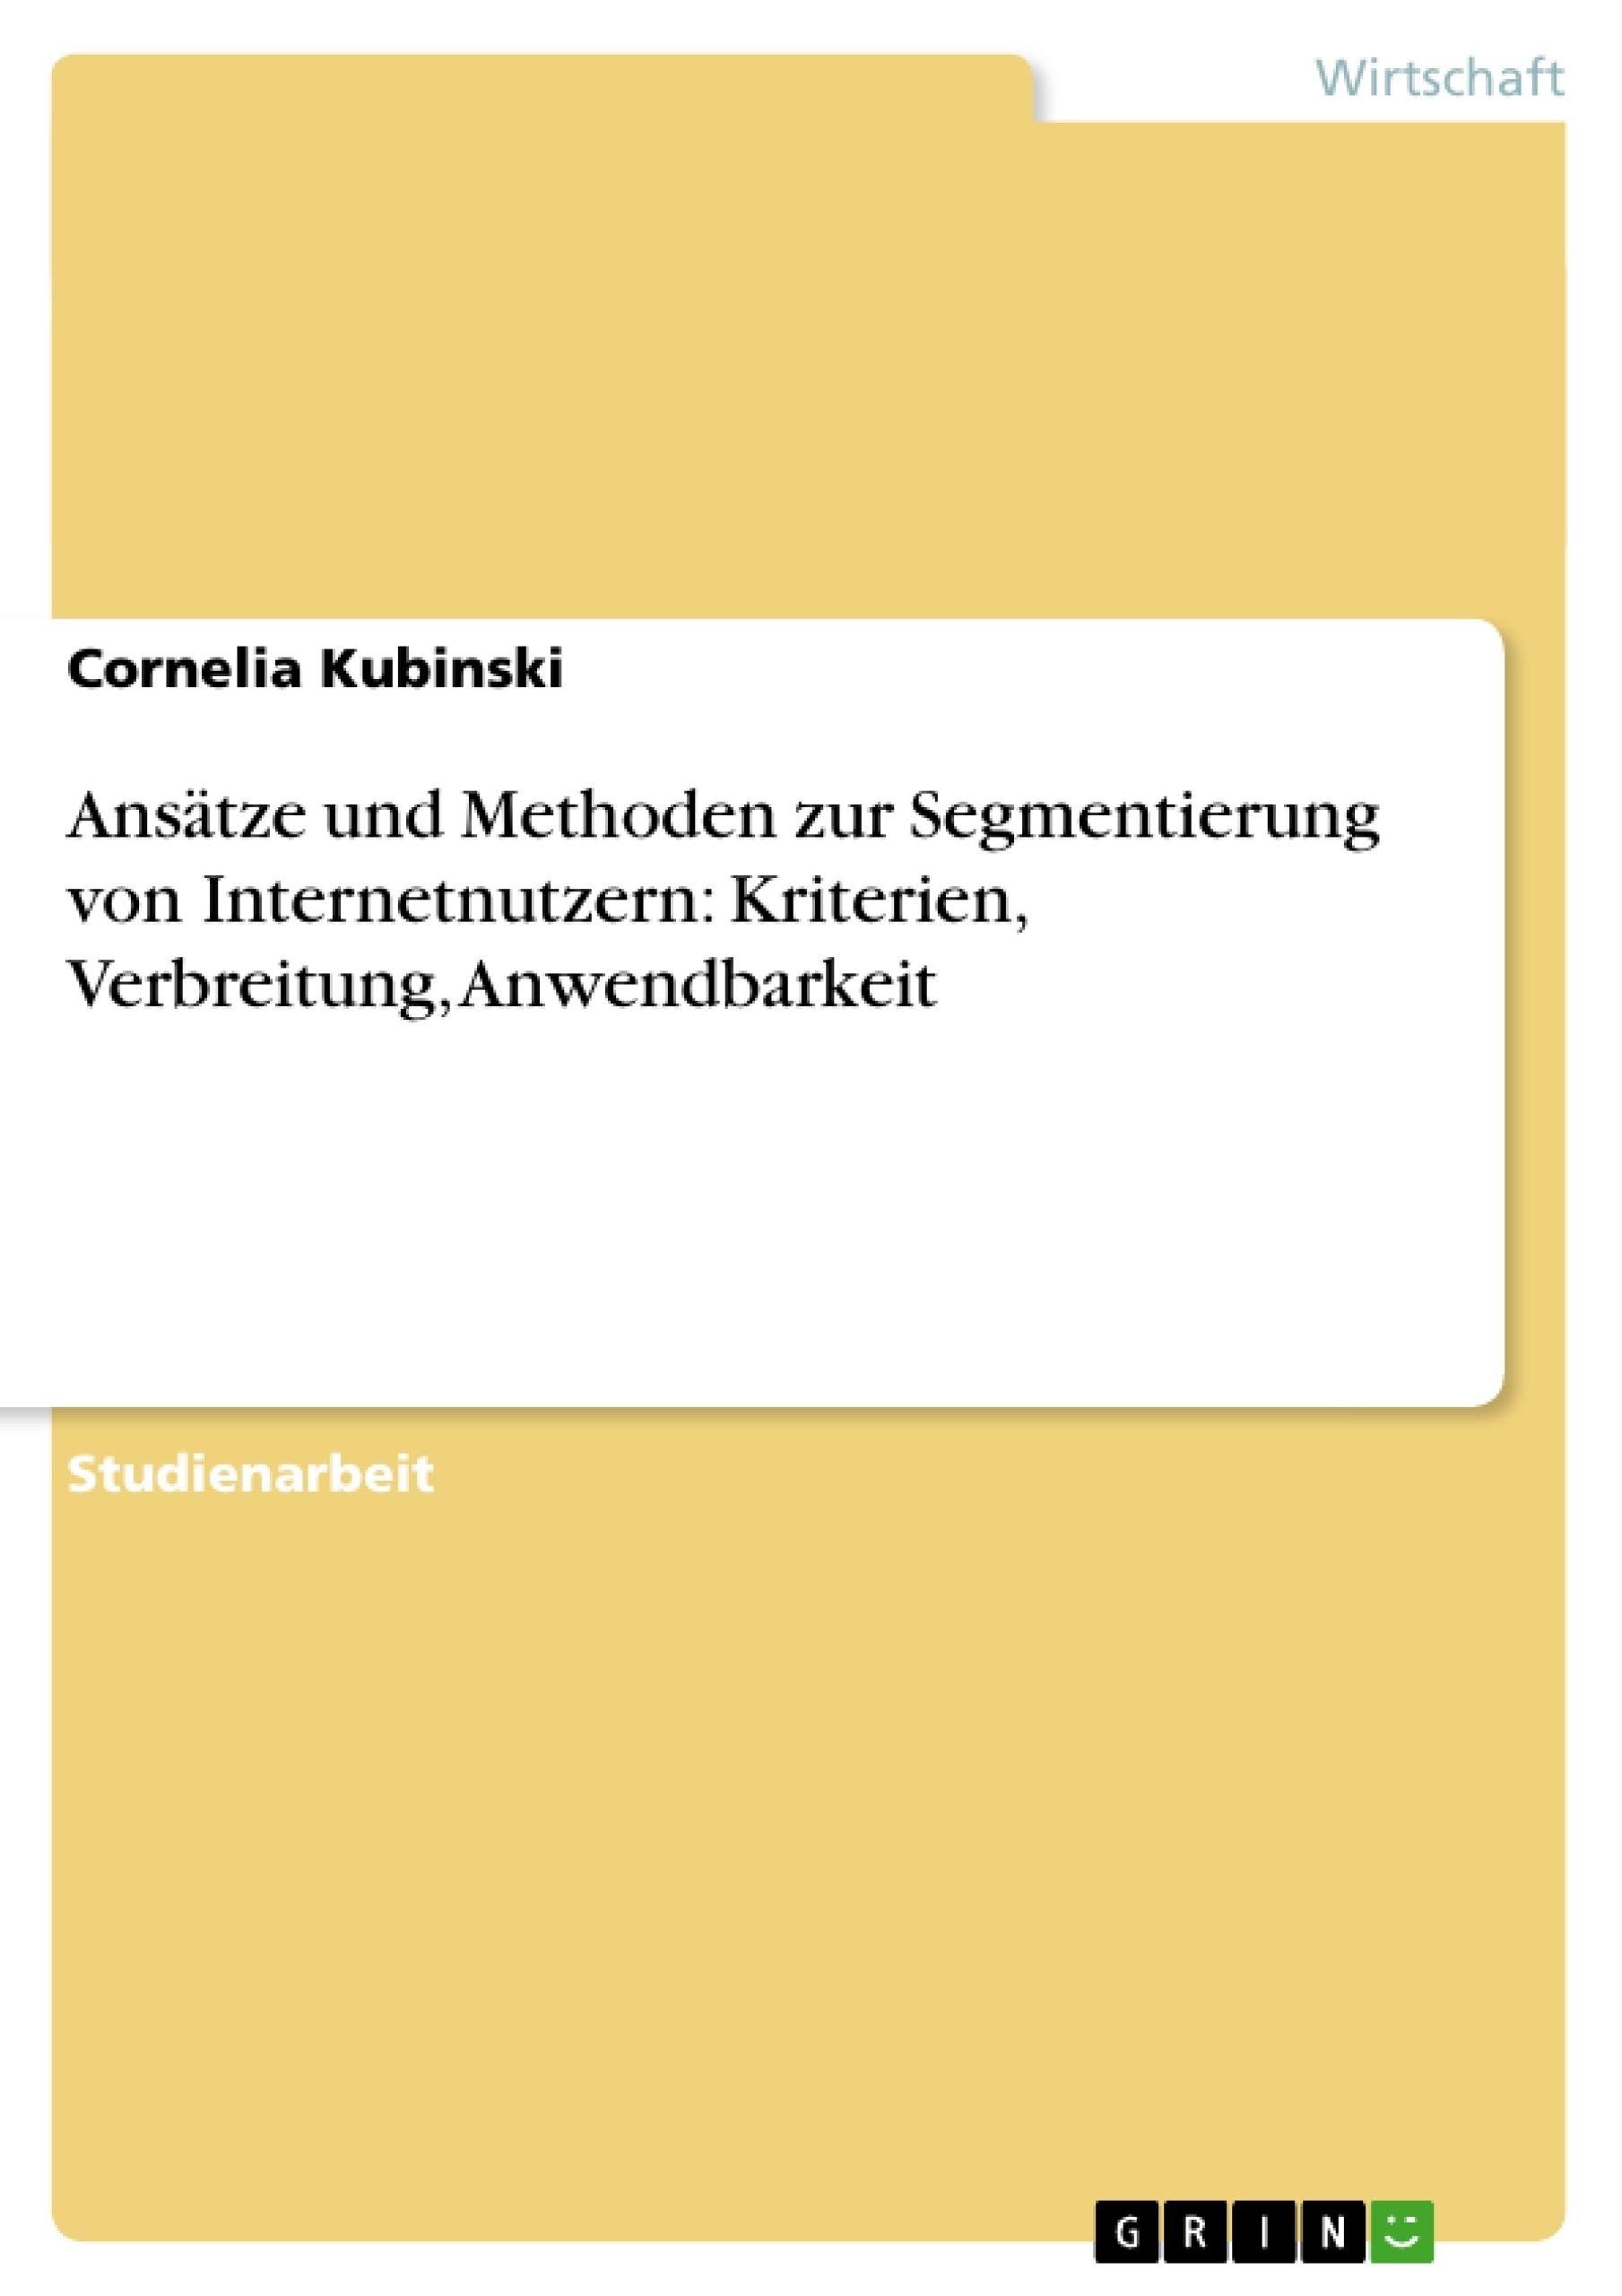 Titel: Ansätze und Methoden zur Segmentierung von Internetnutzern:  Kriterien, Verbreitung, Anwendbarkeit